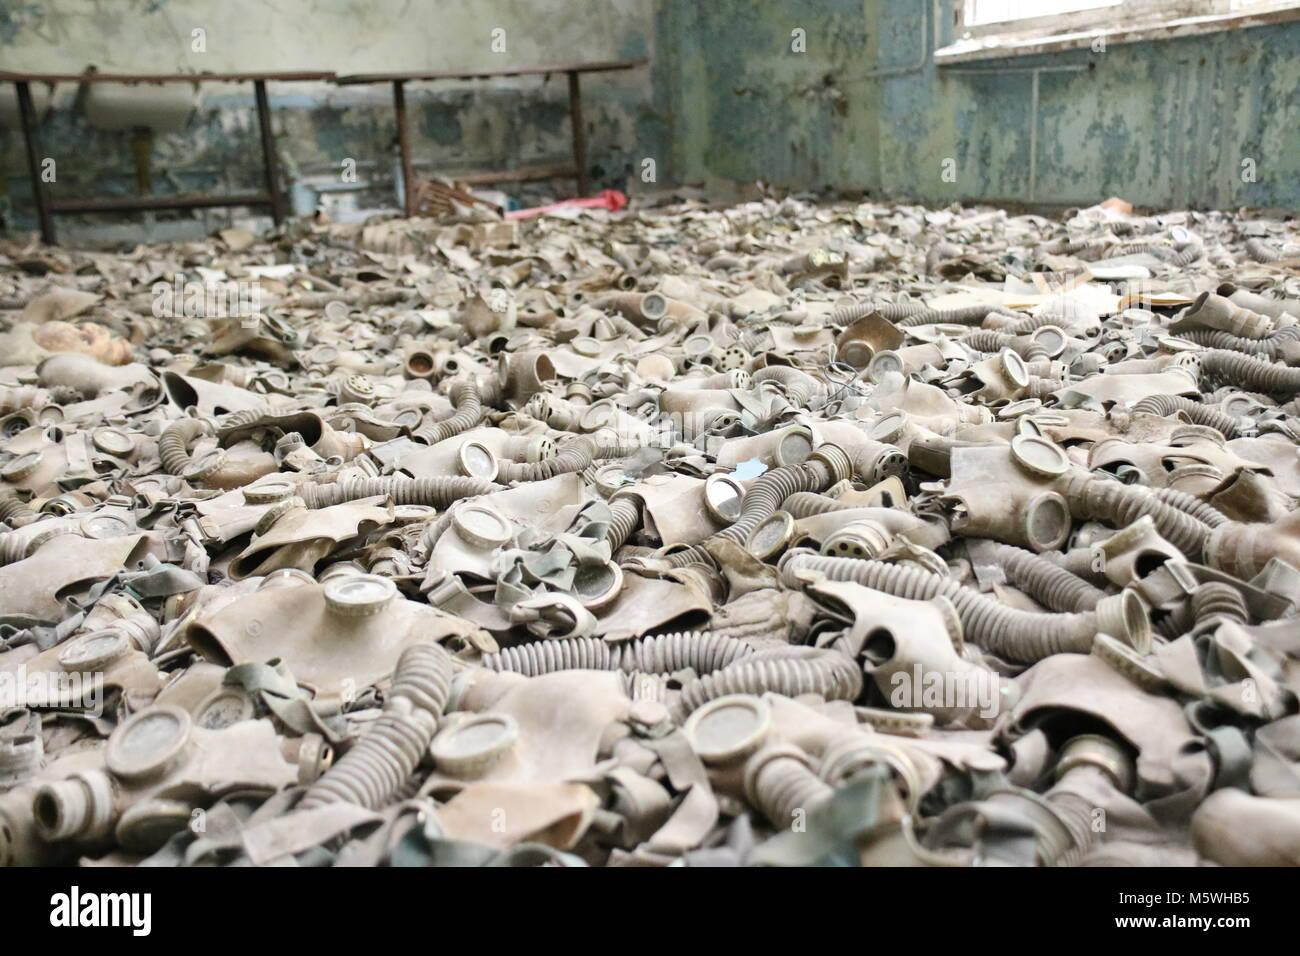 gasmask depot in pripyat - Stock Image